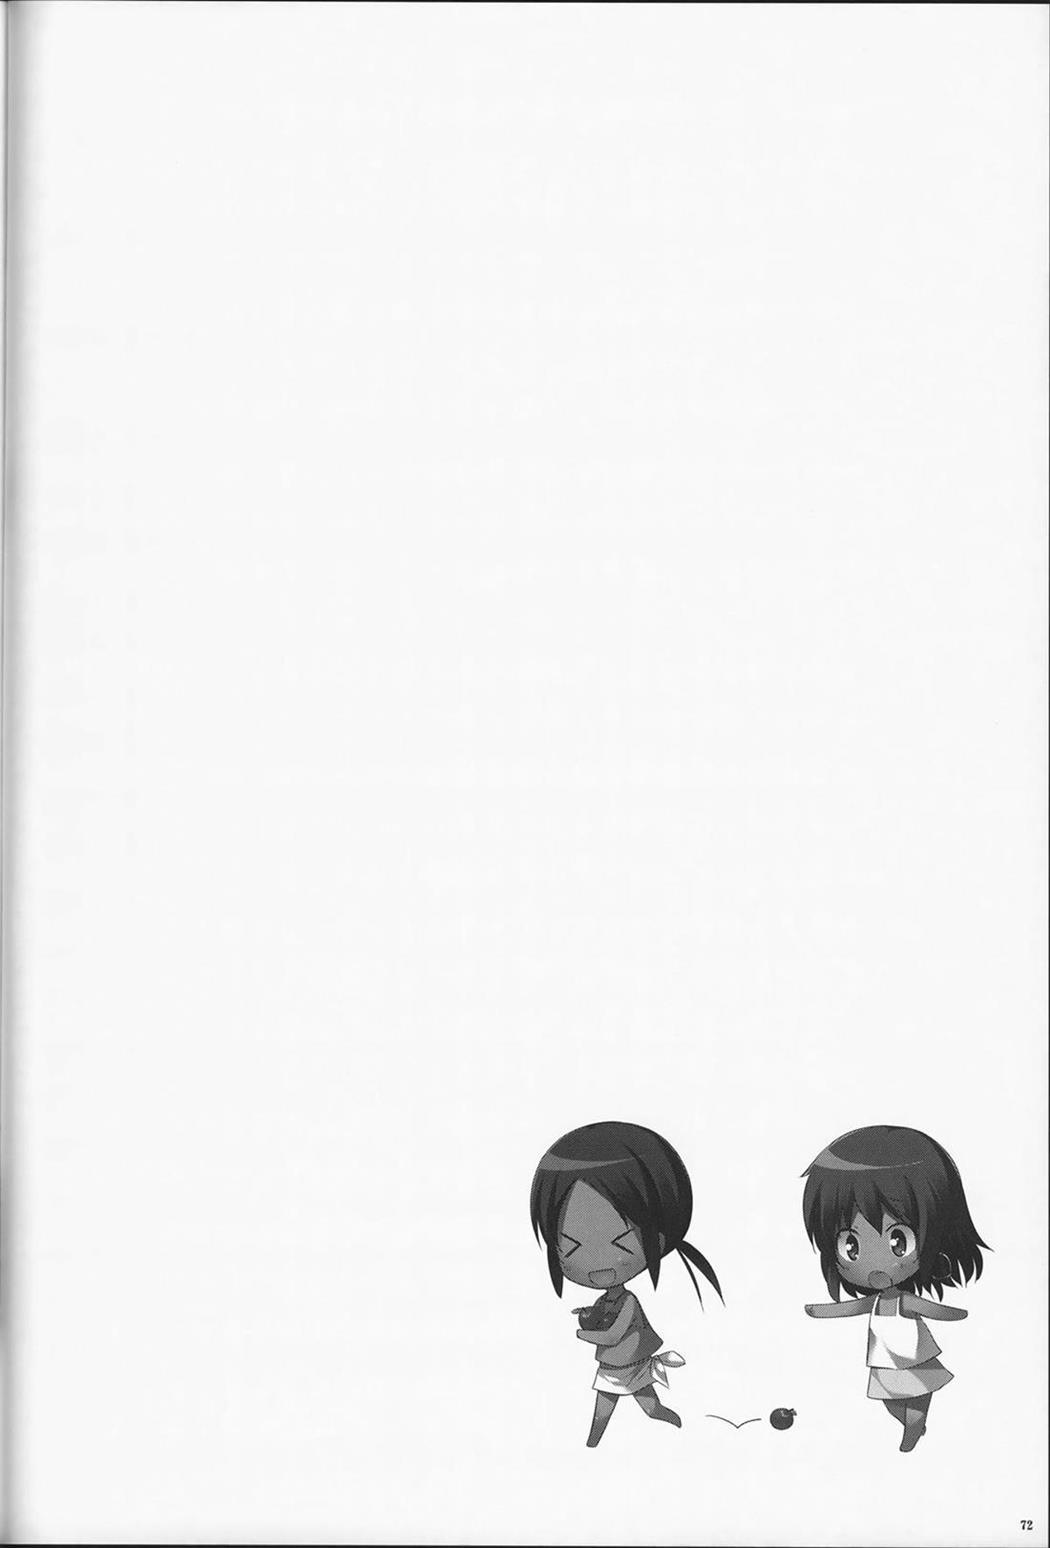 【エロ漫画・エロ同人誌】異国で父親に売られて売春する羽目になったロリ少女wひたすらお客とエッチしてる毎日を送ってたら日本人の男に助けられ日本に来てもセックス依存がぬけてないwww (72)